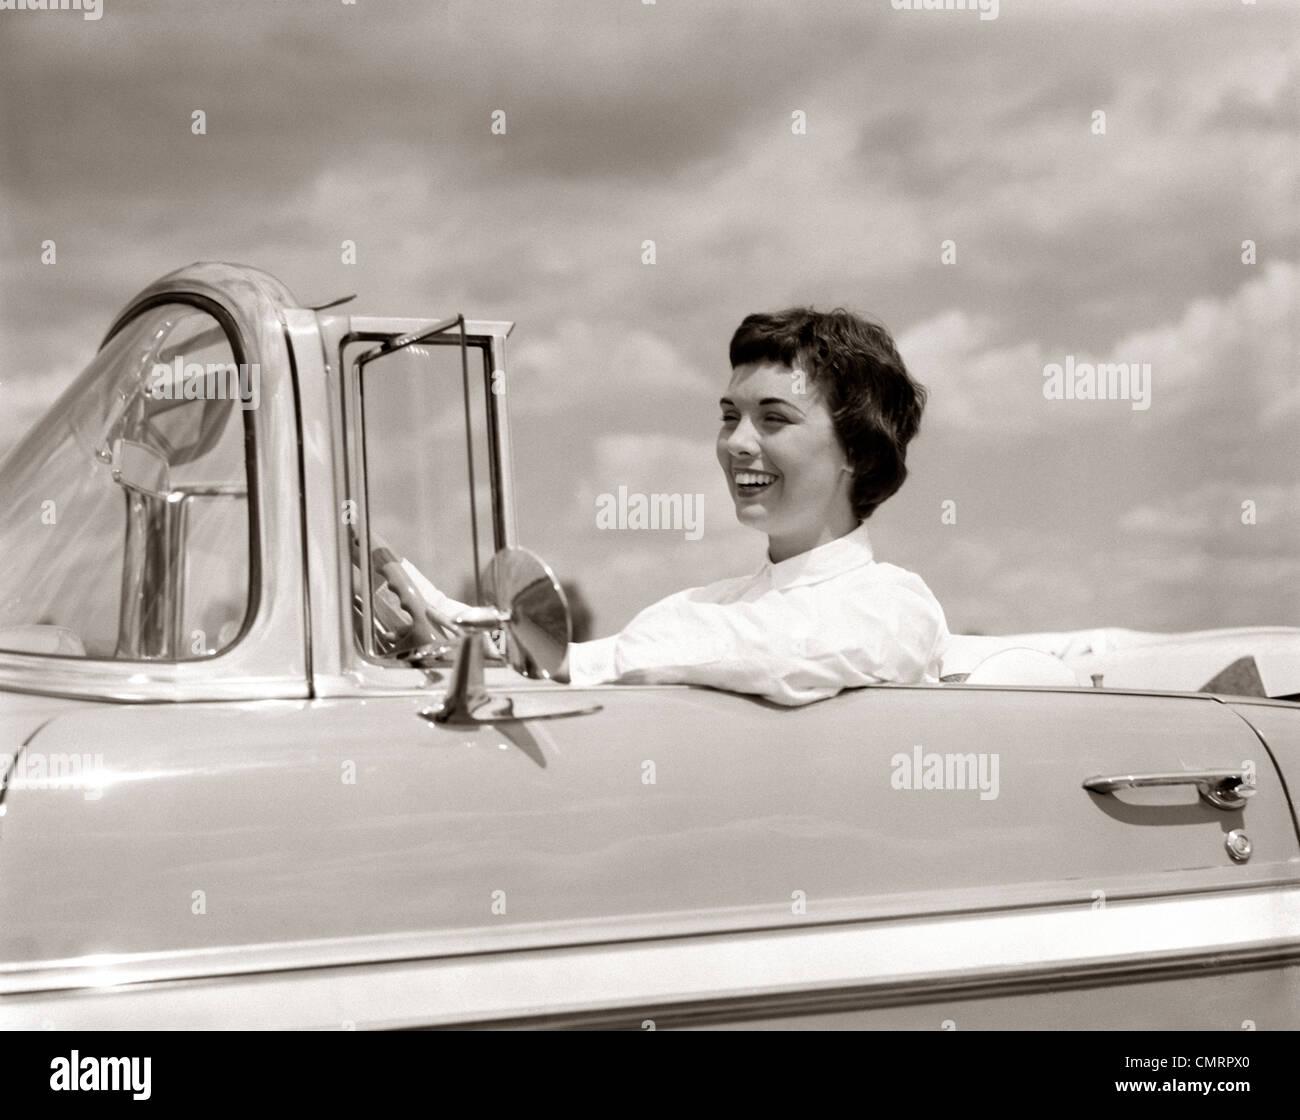 1950ER JAHREN LÄCHELNDE FRAU FAHREN CHEVROLET CABRIO AUTO Stockbild